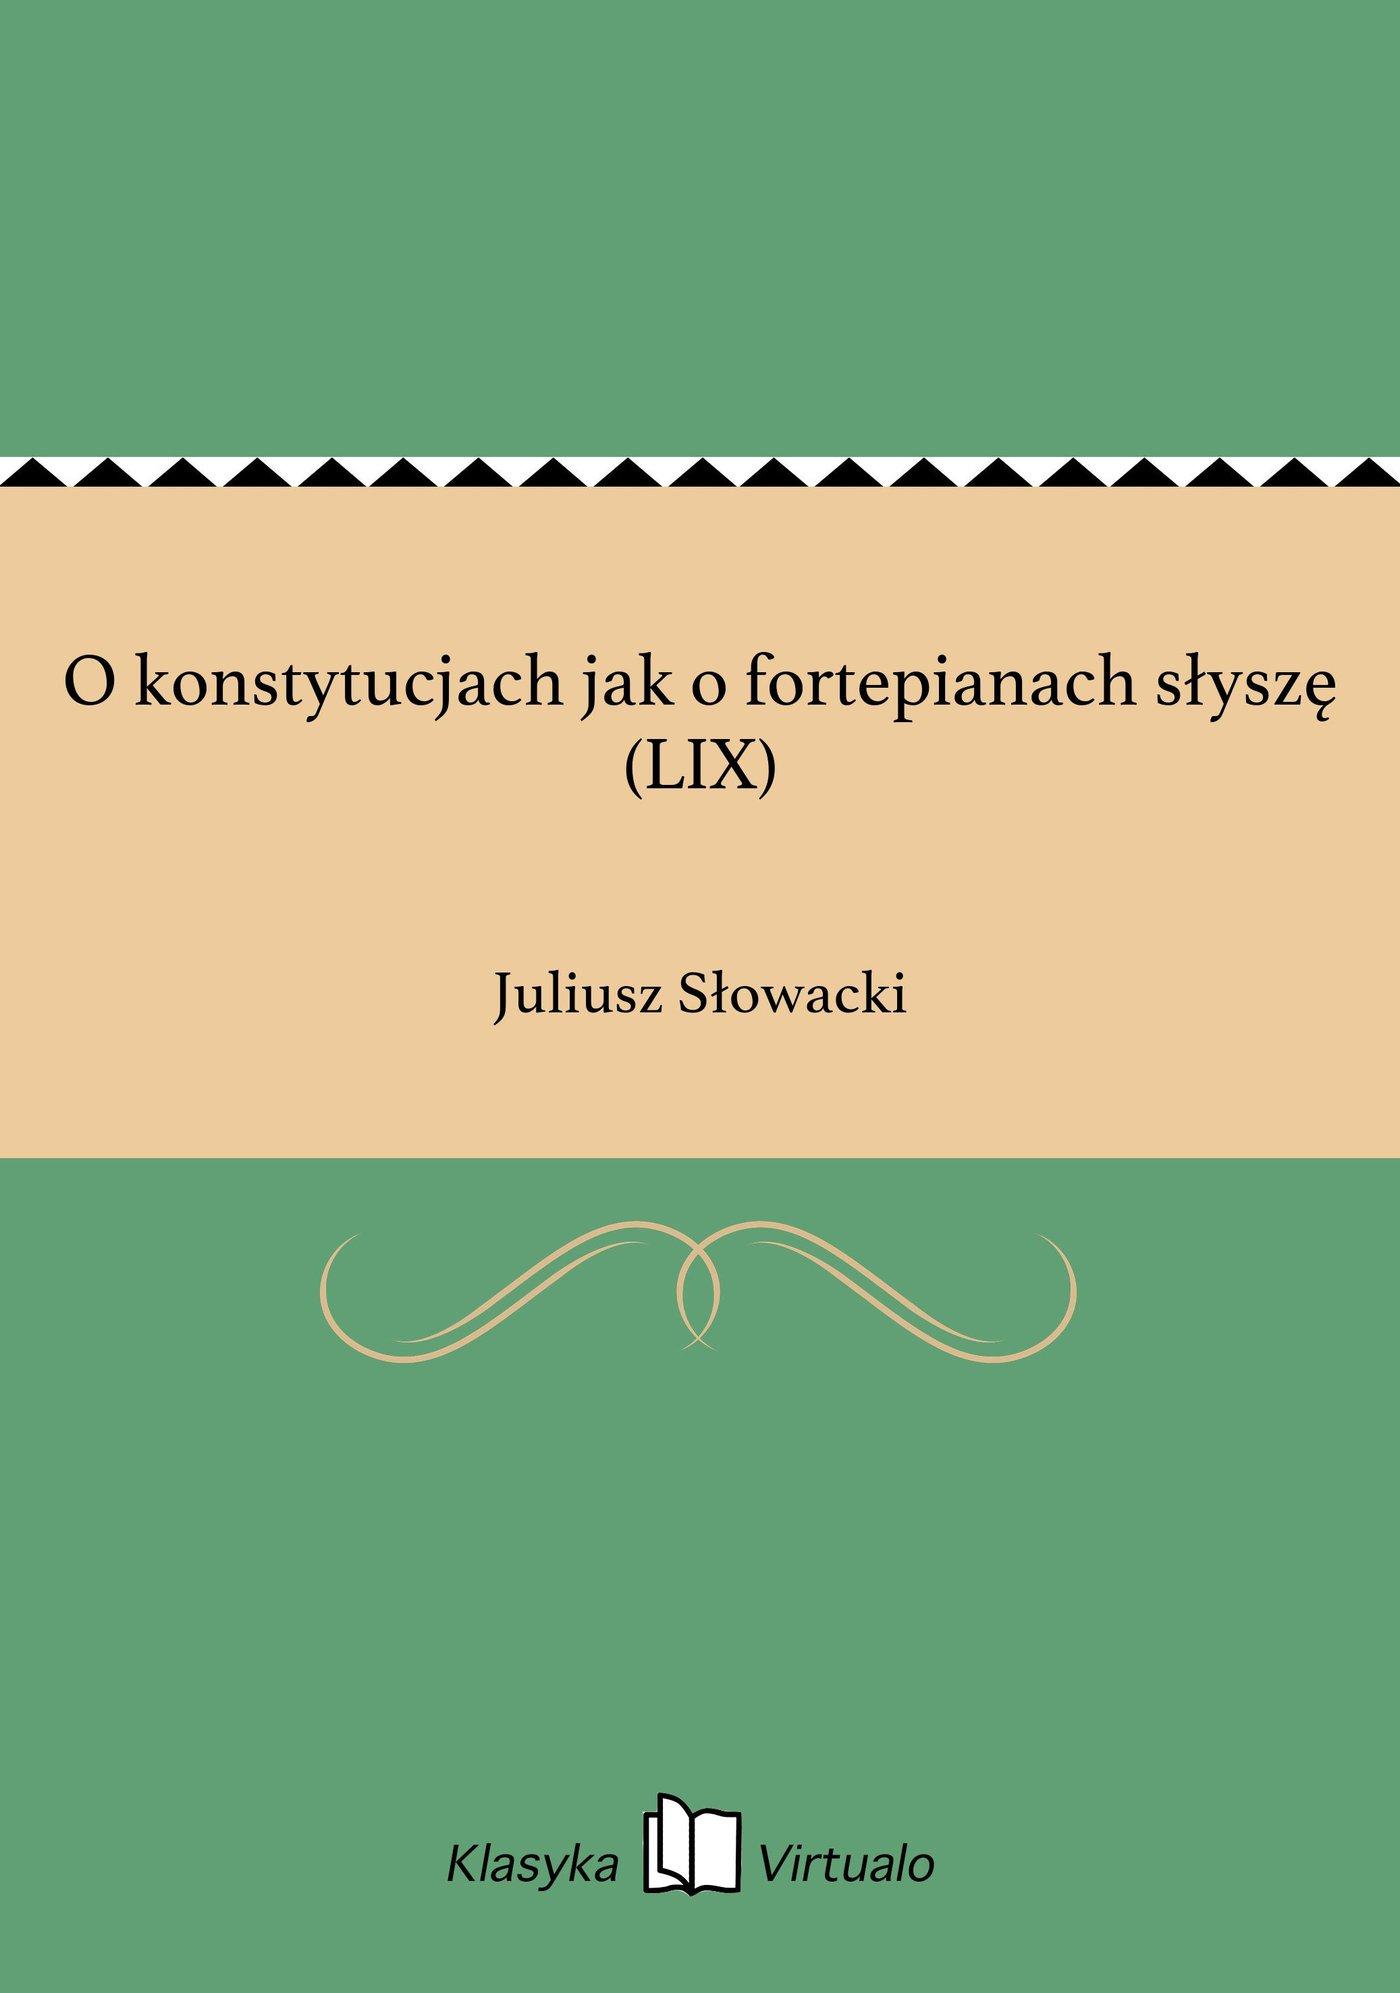 O konstytucjach jak o fortepianach słyszę (LIX) - Ebook (Książka EPUB) do pobrania w formacie EPUB